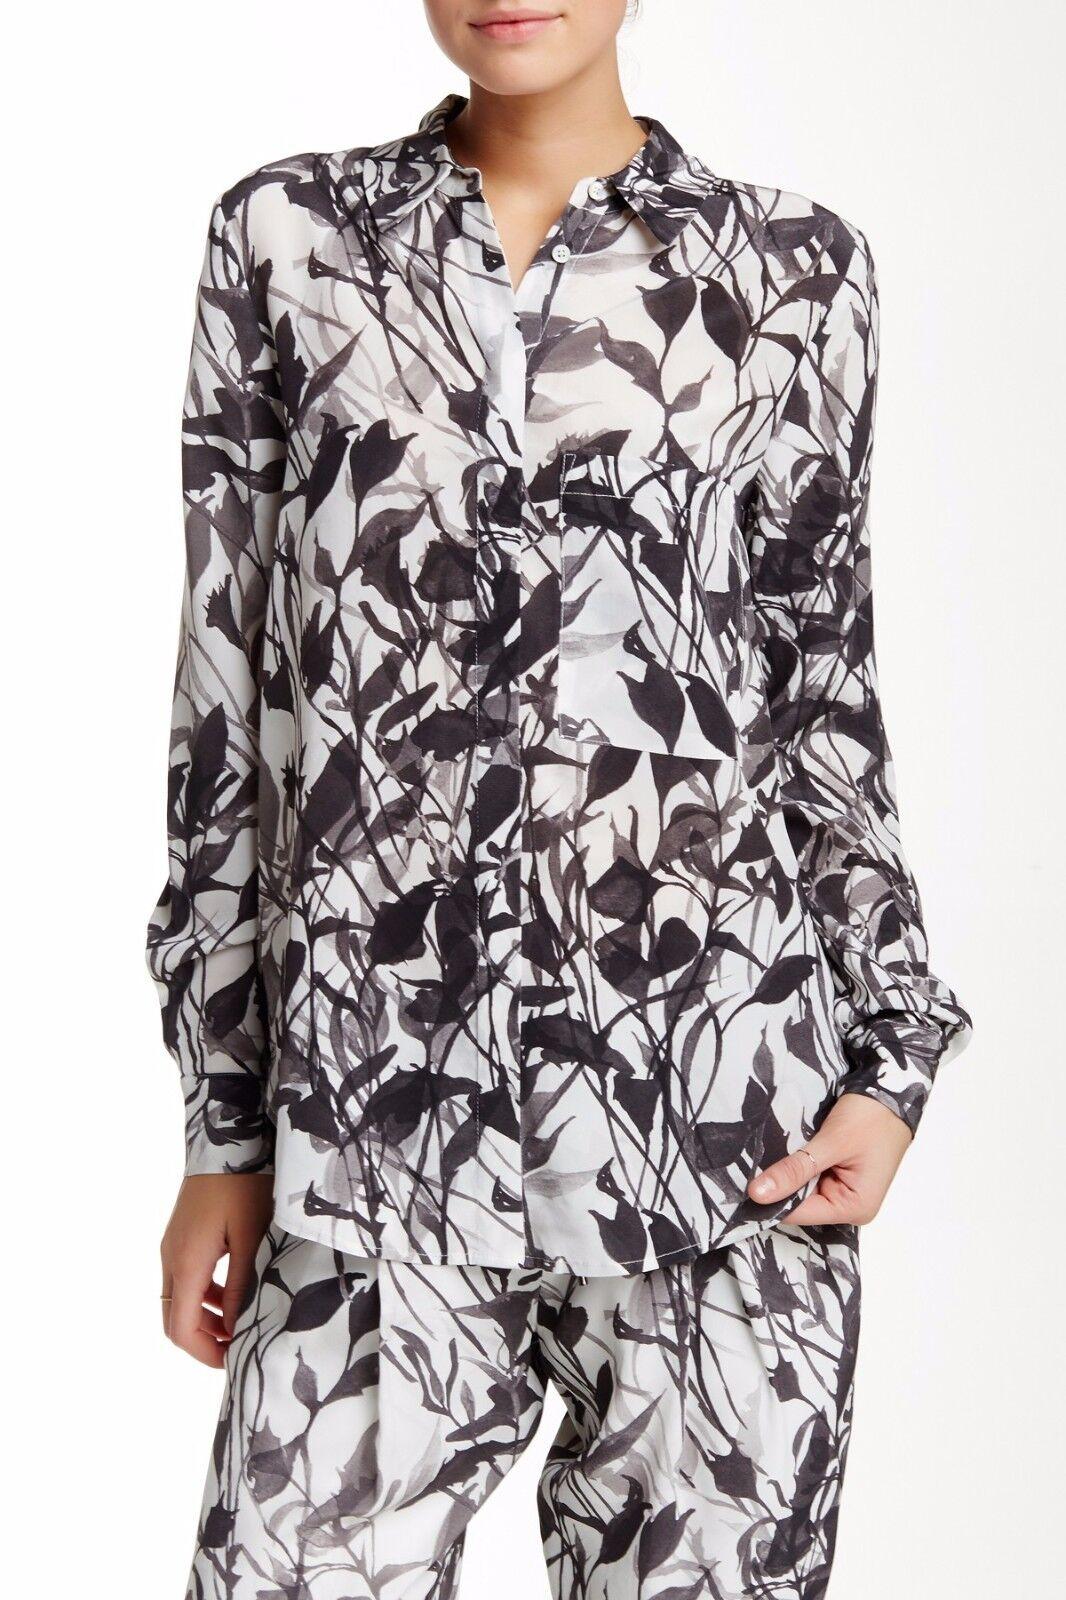 Haute Hippie Silk Husband Blouse Top in Swan multi    Größe S